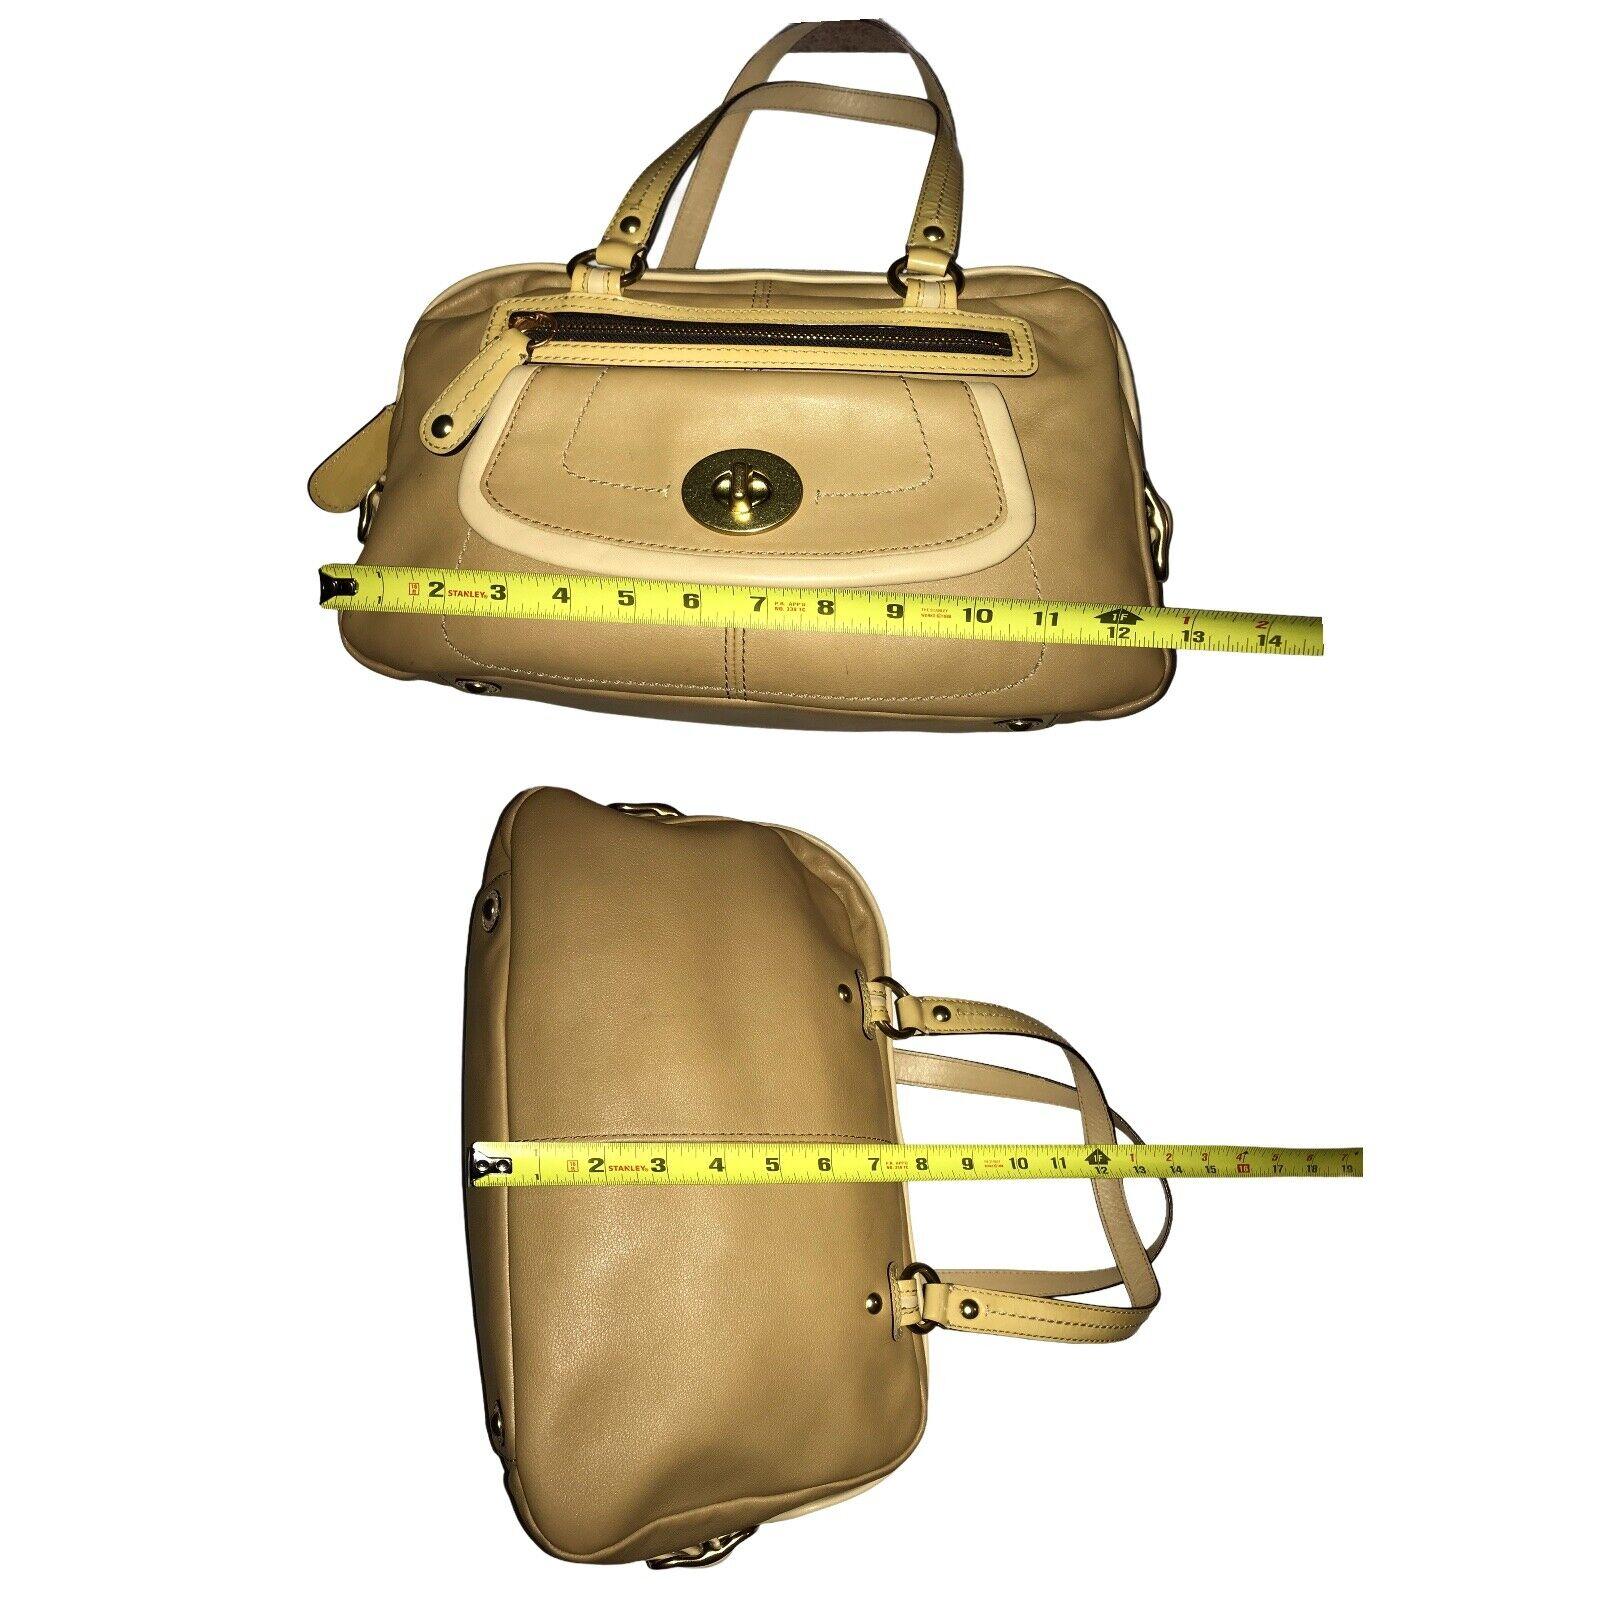 Vintage Bonnie Satchel Bag by COACH - image 4